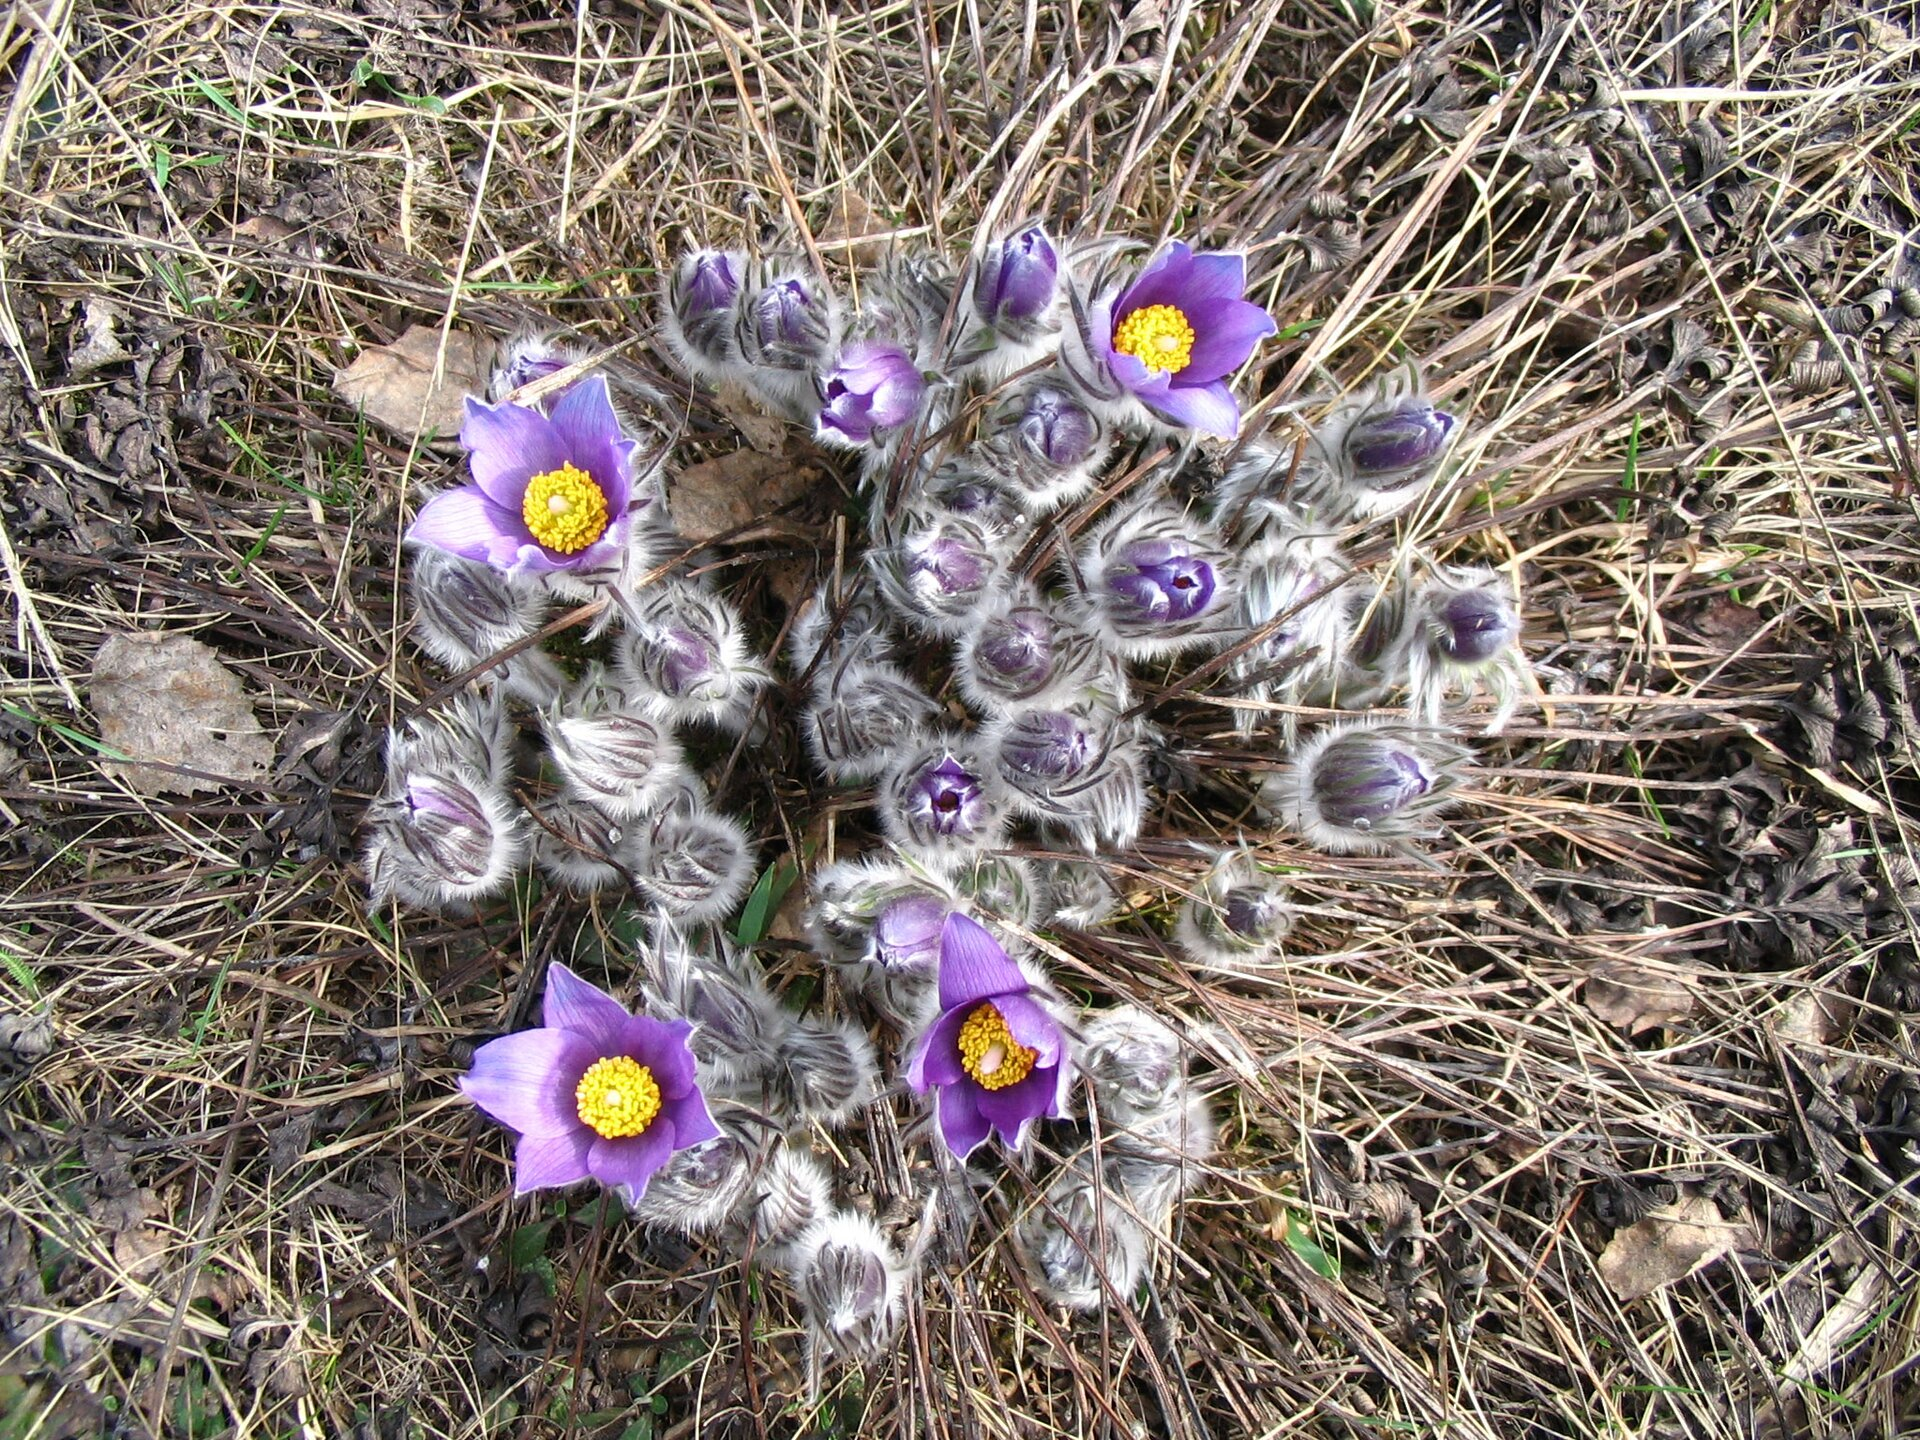 Fotografia przedstawia kępę sasanek wujęciu zgóry. Niektóre rośliny mają rozwinięte fioletowe kwiaty zżółtymi środkami. Pąki kwiatów są mocno srebrzyście owłosione.